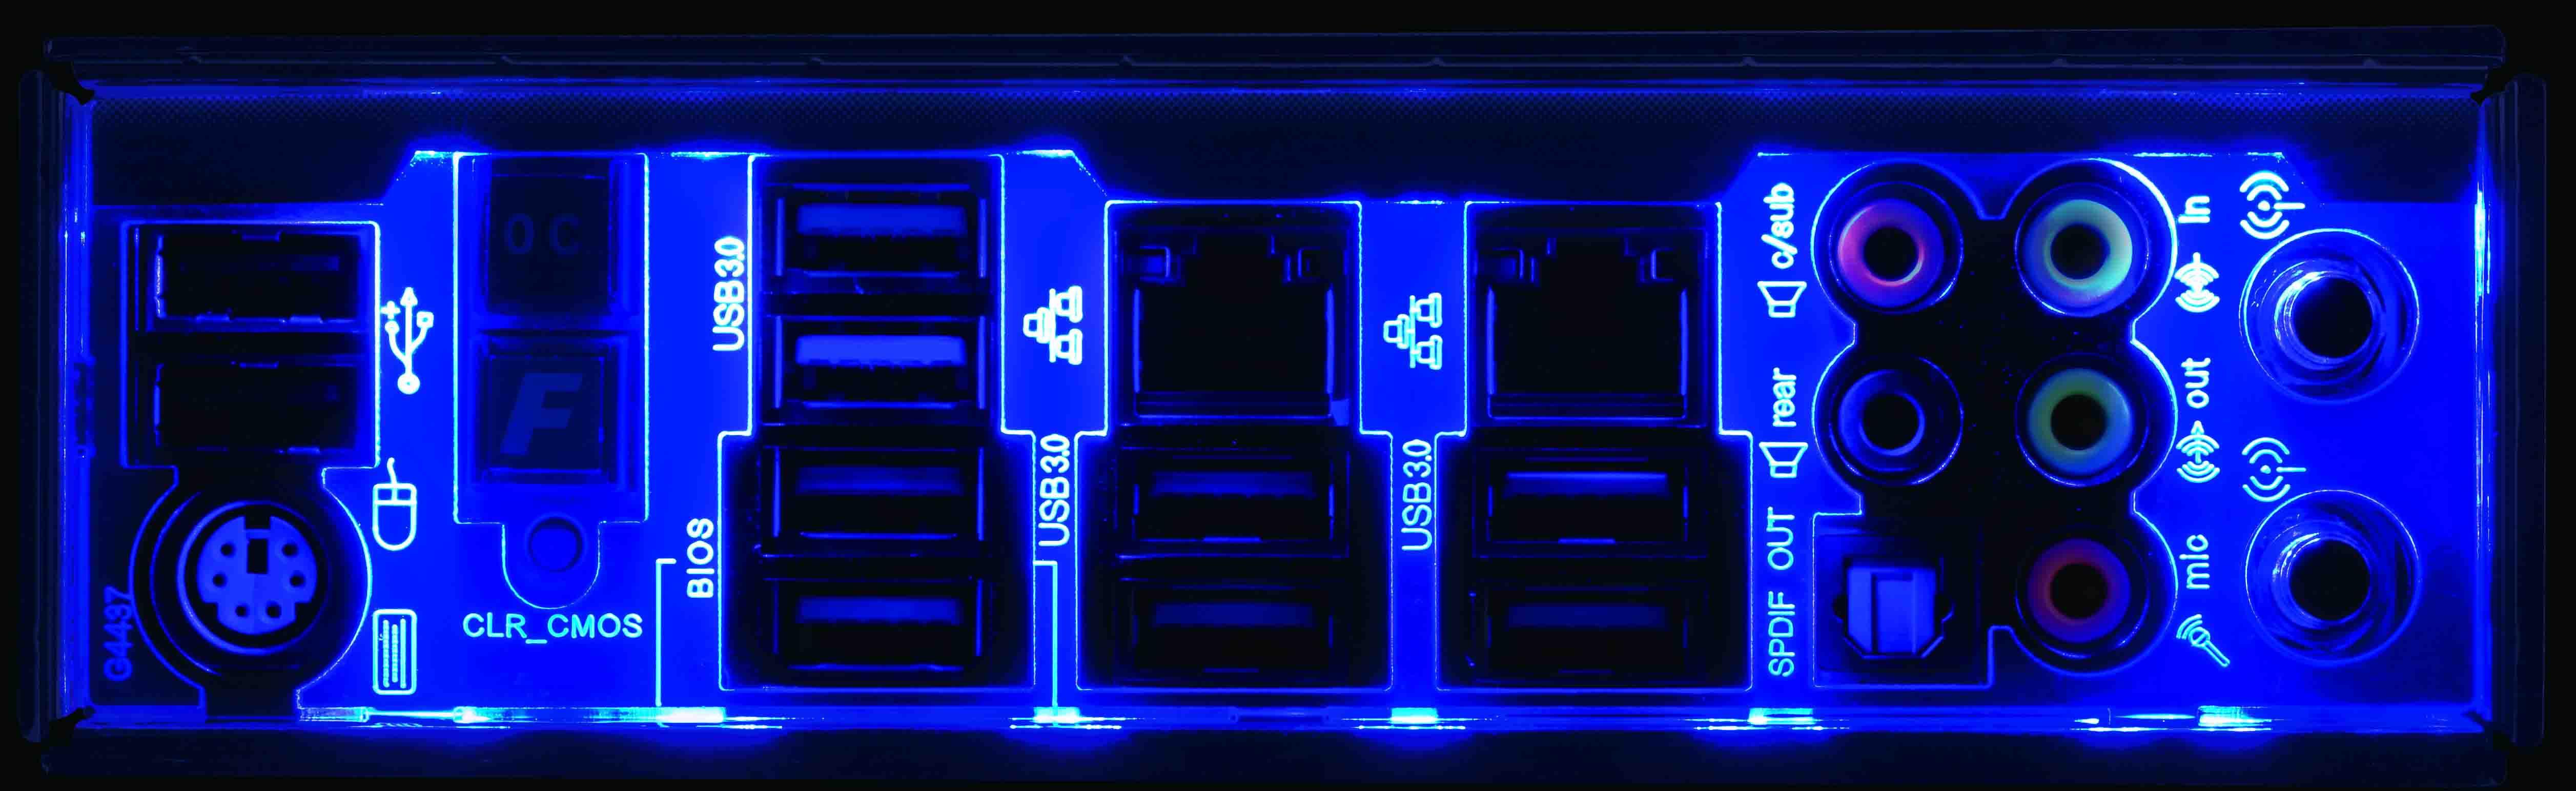 GIGABYTE X99-UD7 LED